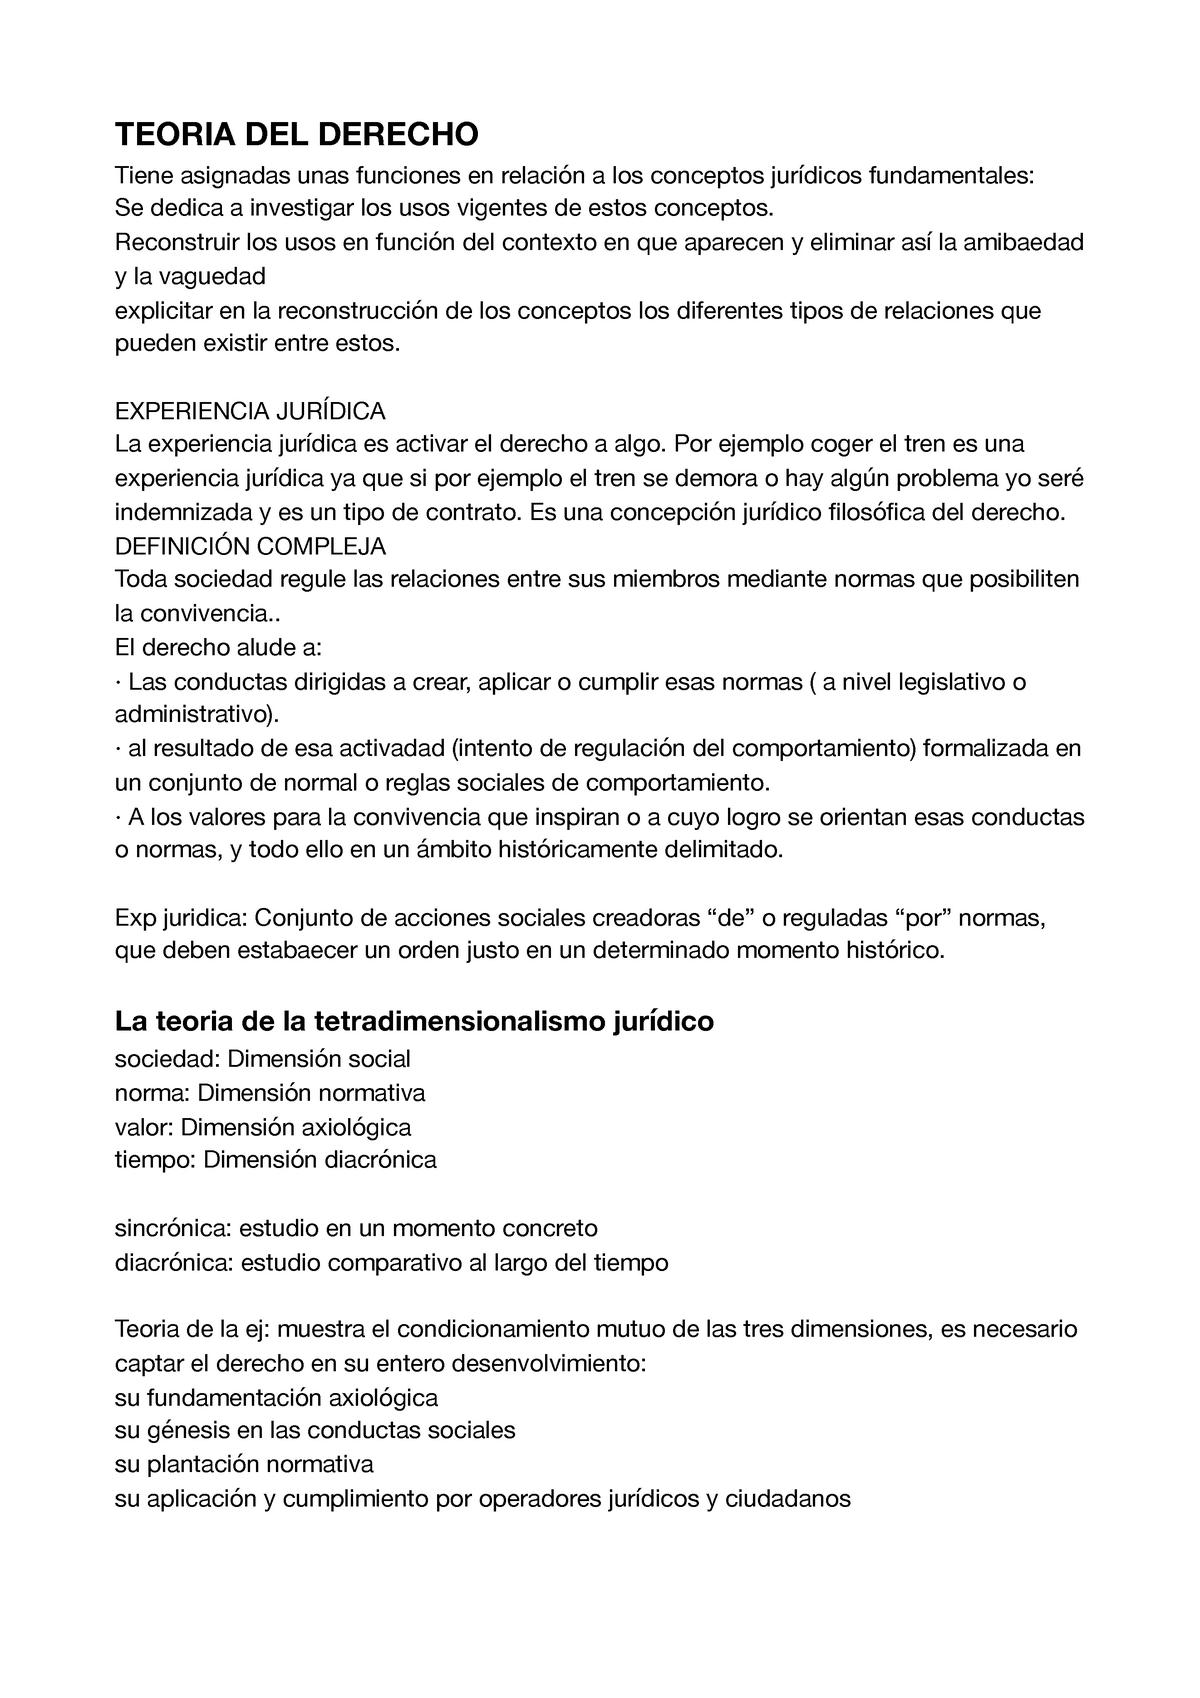 Studocu Derecho Dret Teoría Del 102267Teoria 9IYEDHW2